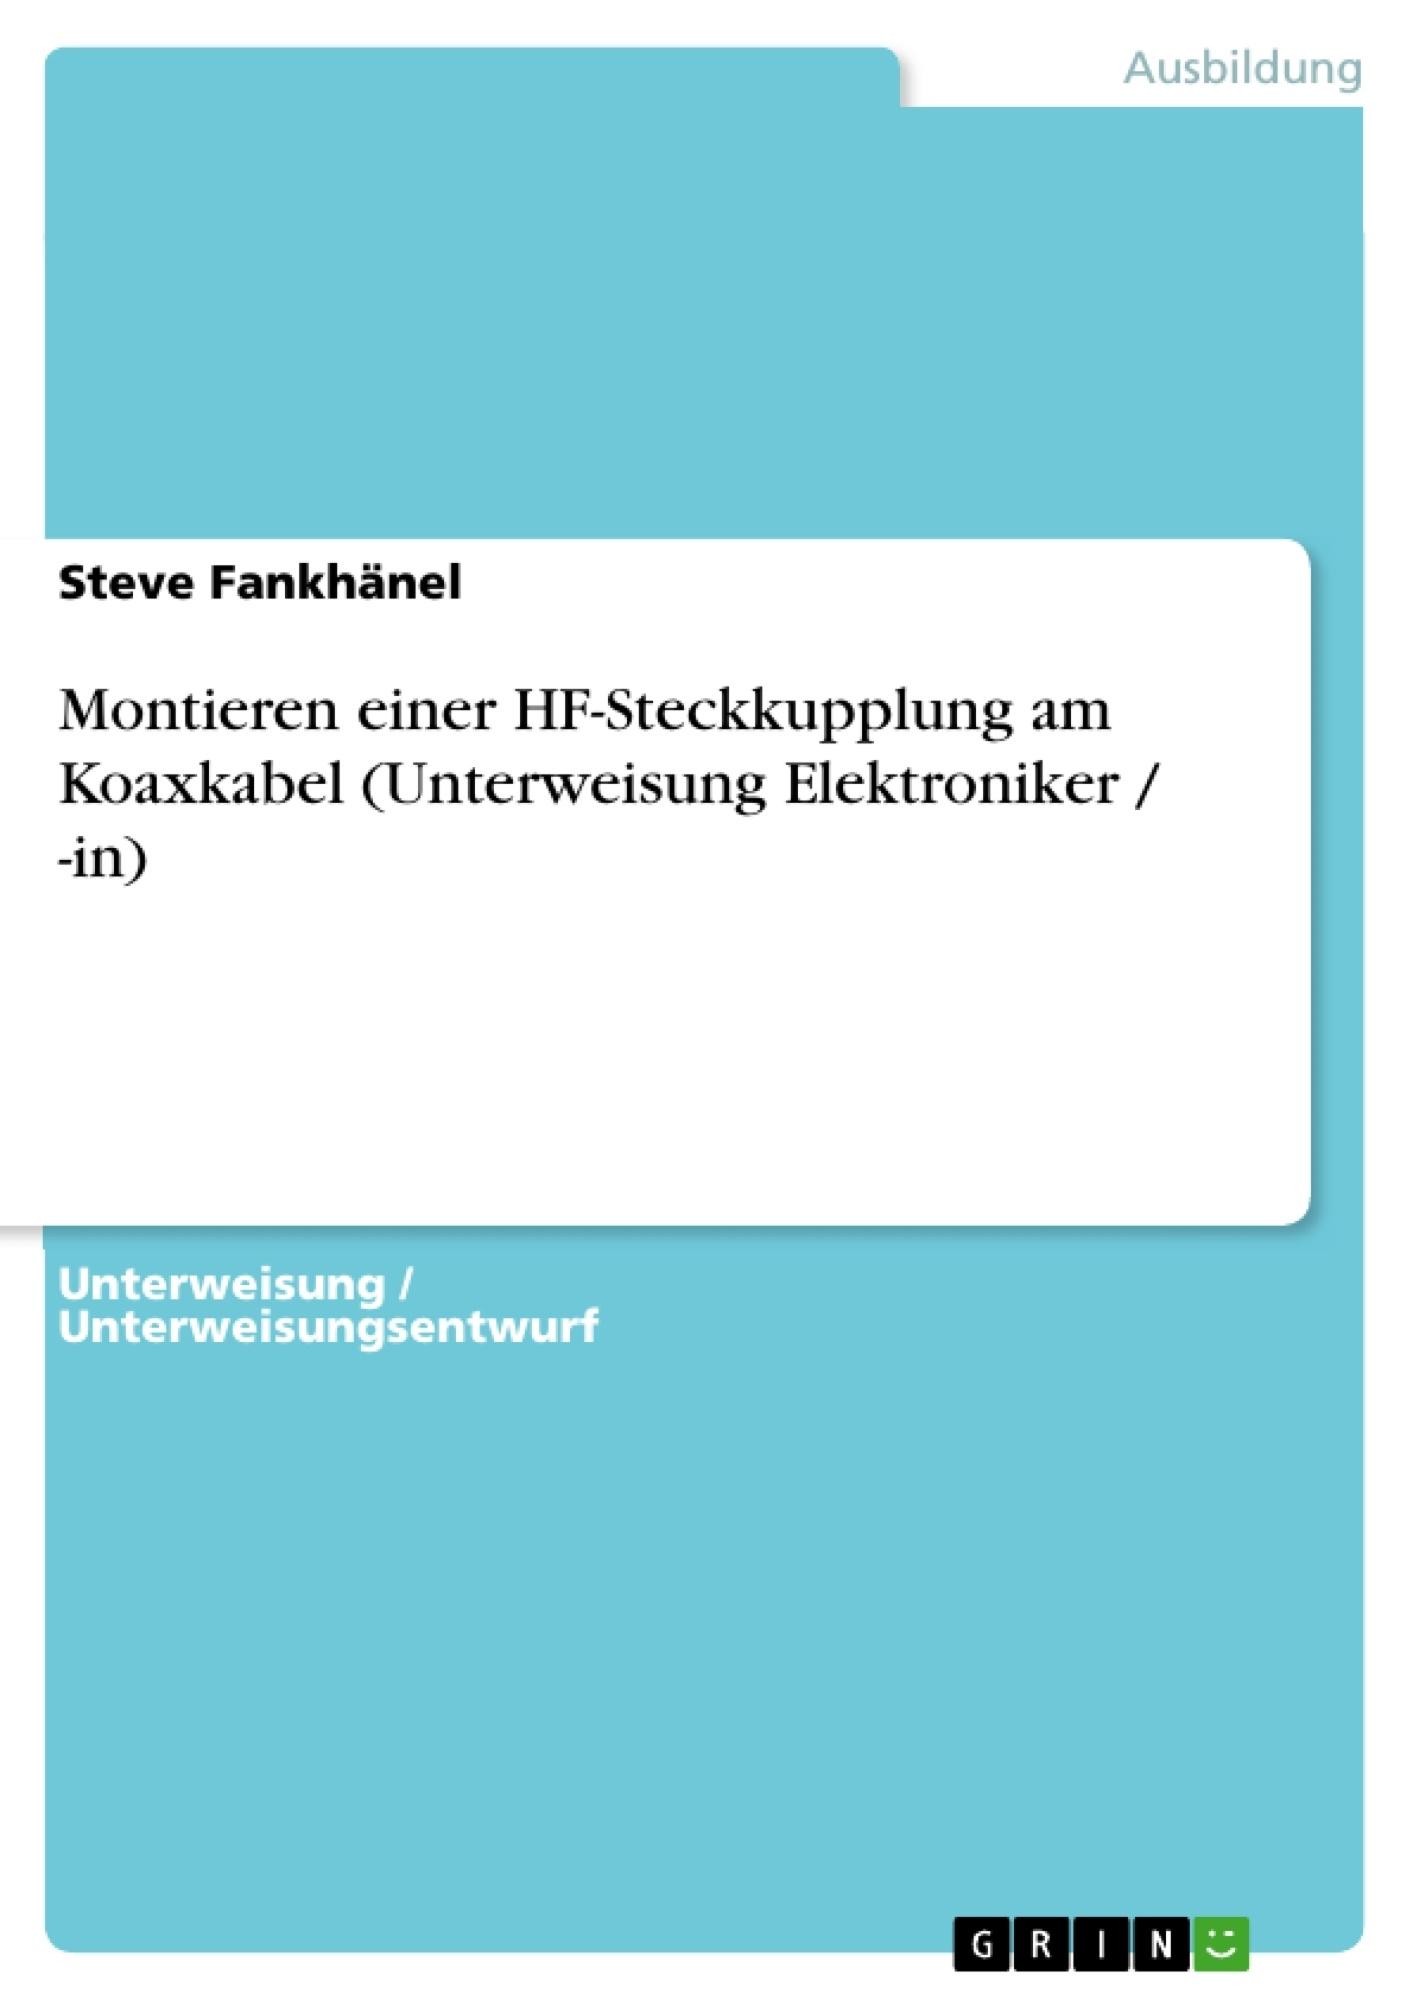 Titel: Montieren einer HF-Steckkupplung am Koaxkabel (Unterweisung Elektroniker / -in)